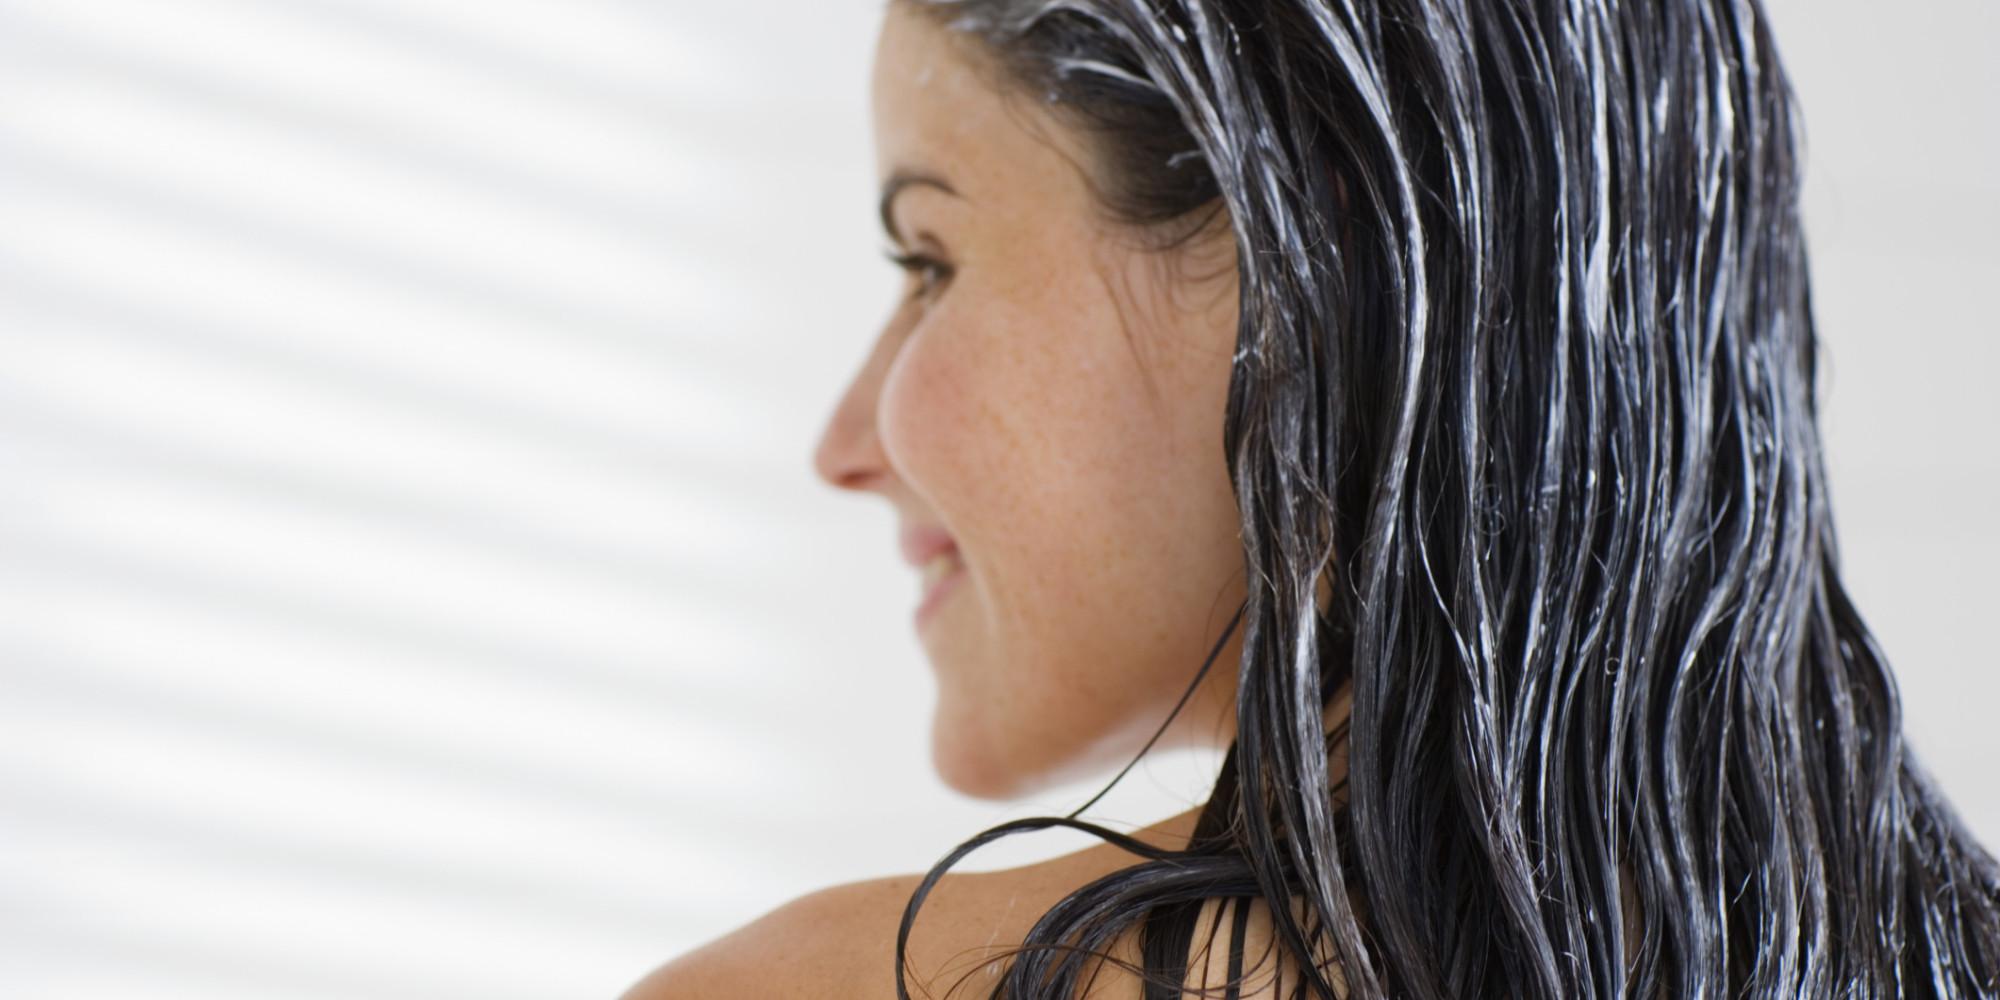 5 Cara Meluruskan Rambut Secara Alami, Selain Menggunakan Catok 4